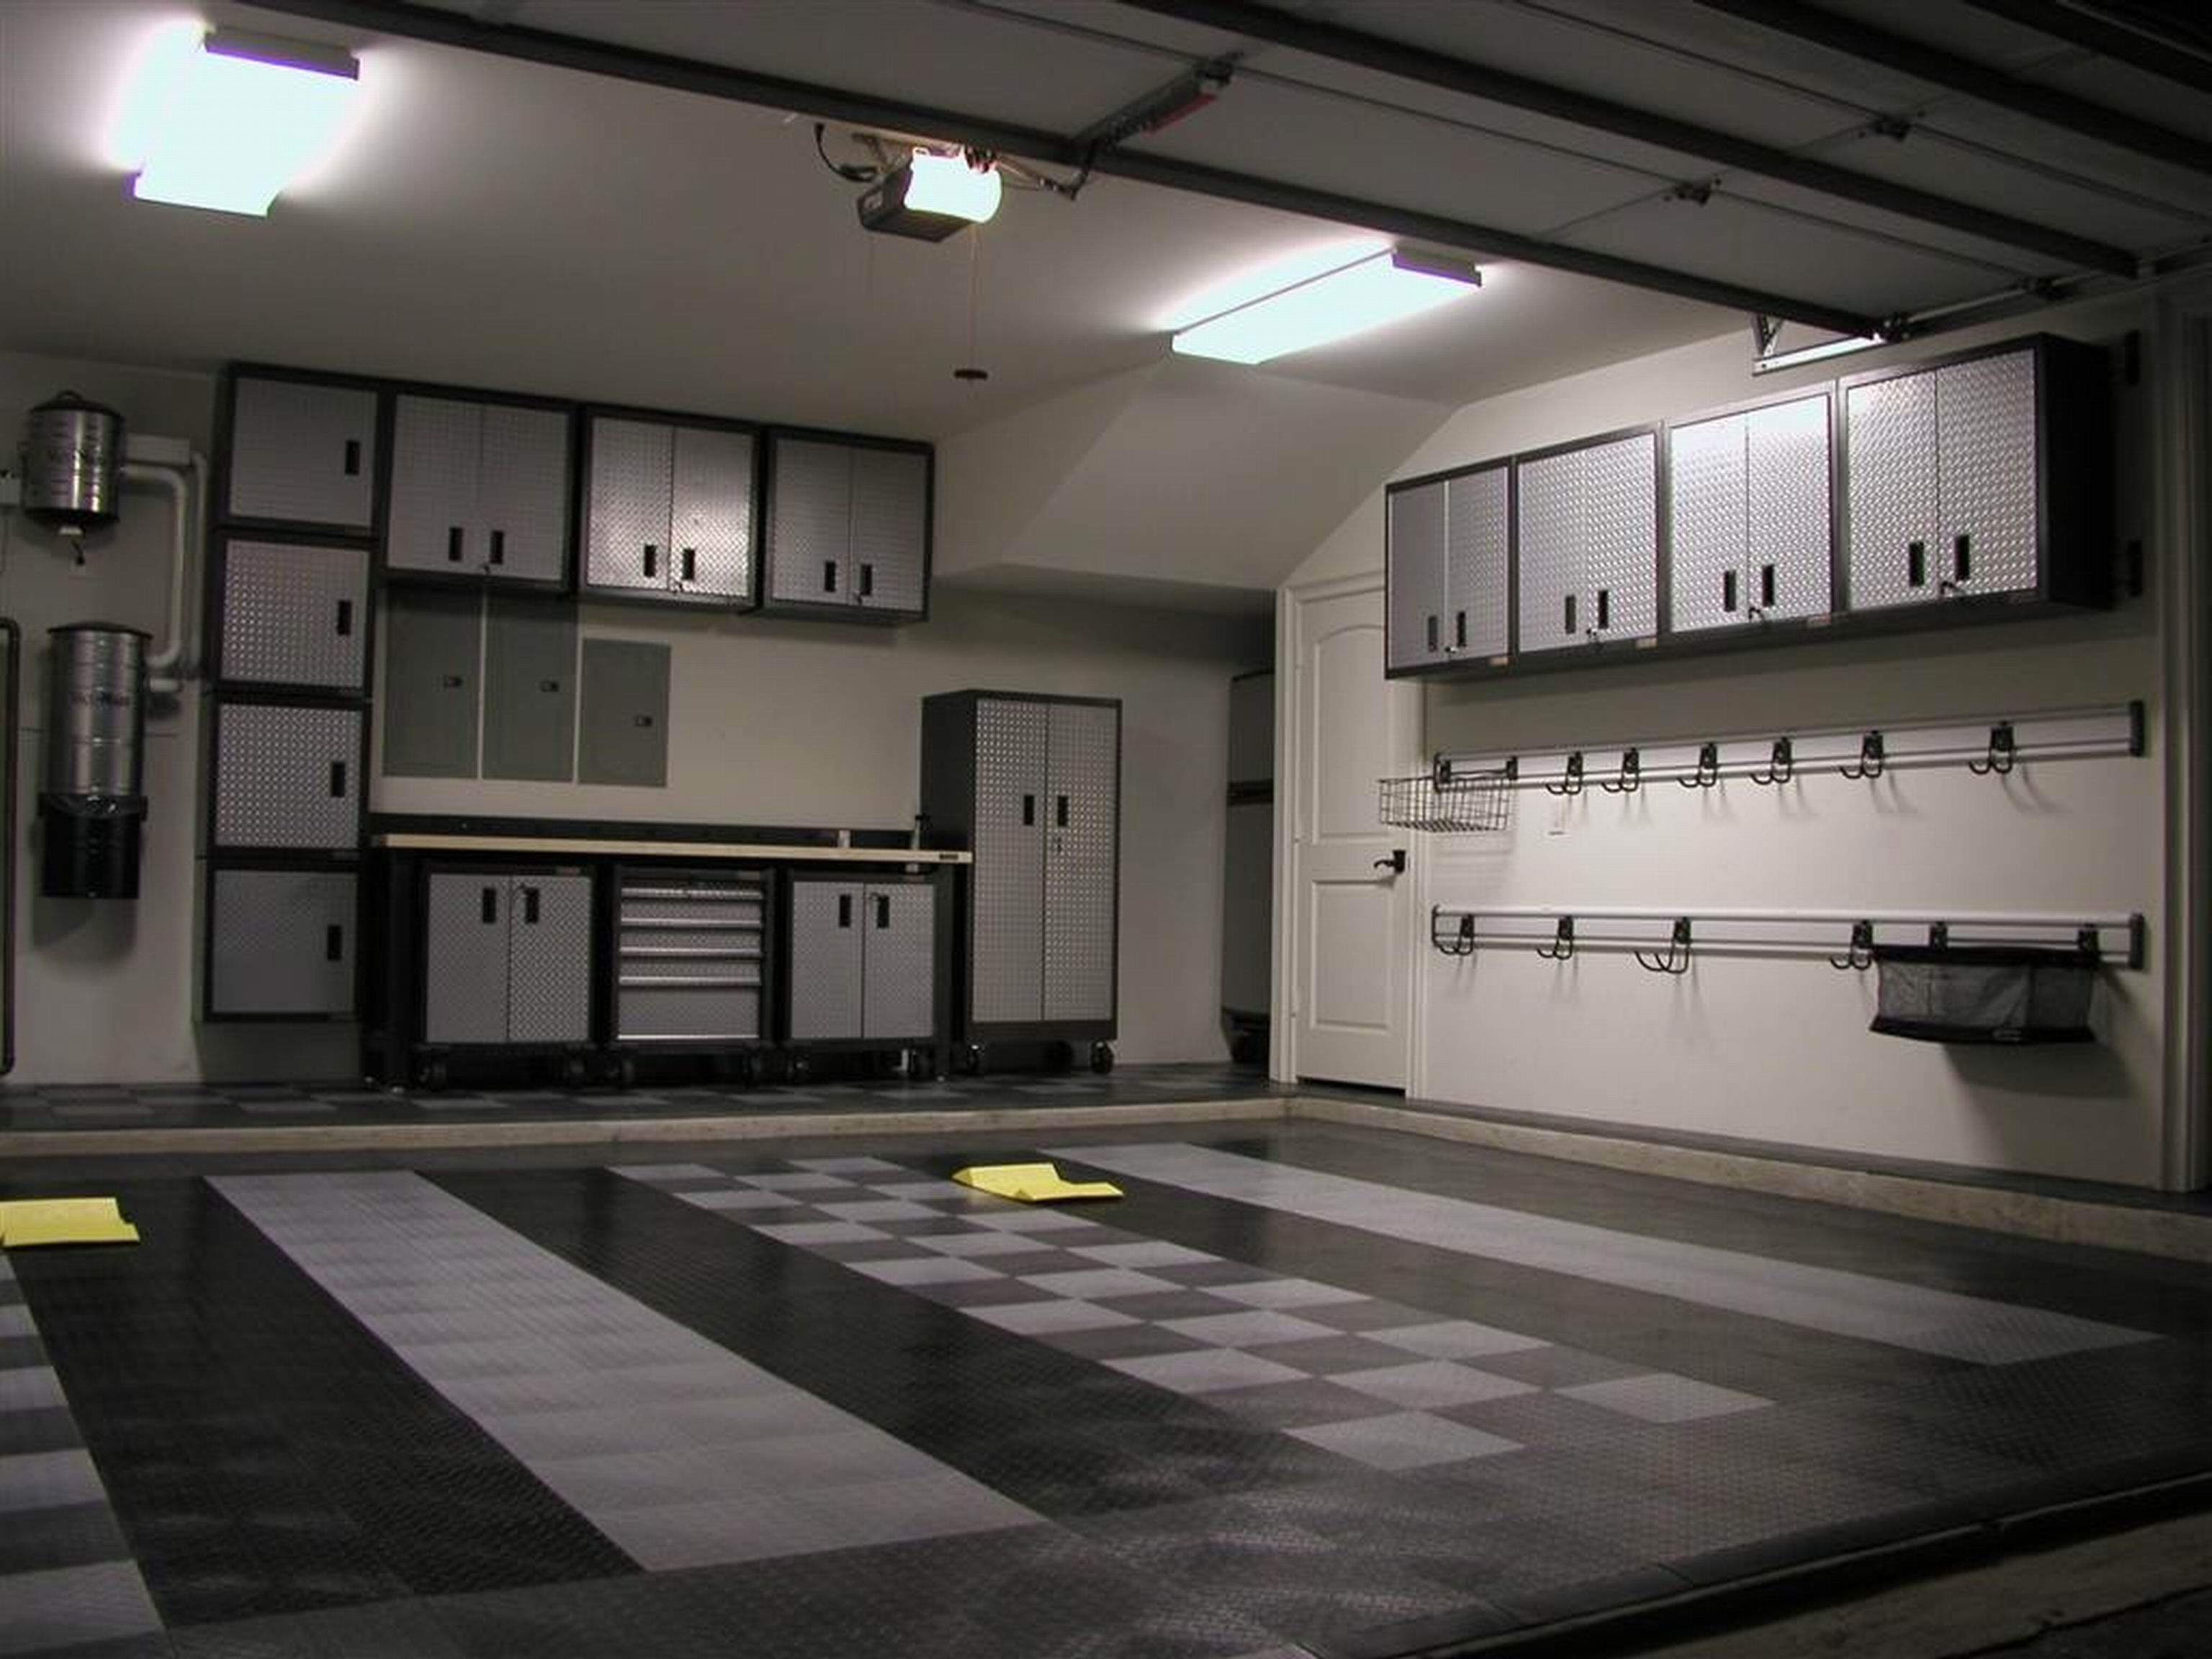 Modern Monochromatic Garage Interior Design And Decoration Ideas Inspiring Garage Storage Arrangement Modern Garag Garage Interior Garage Decor Garage Makeover